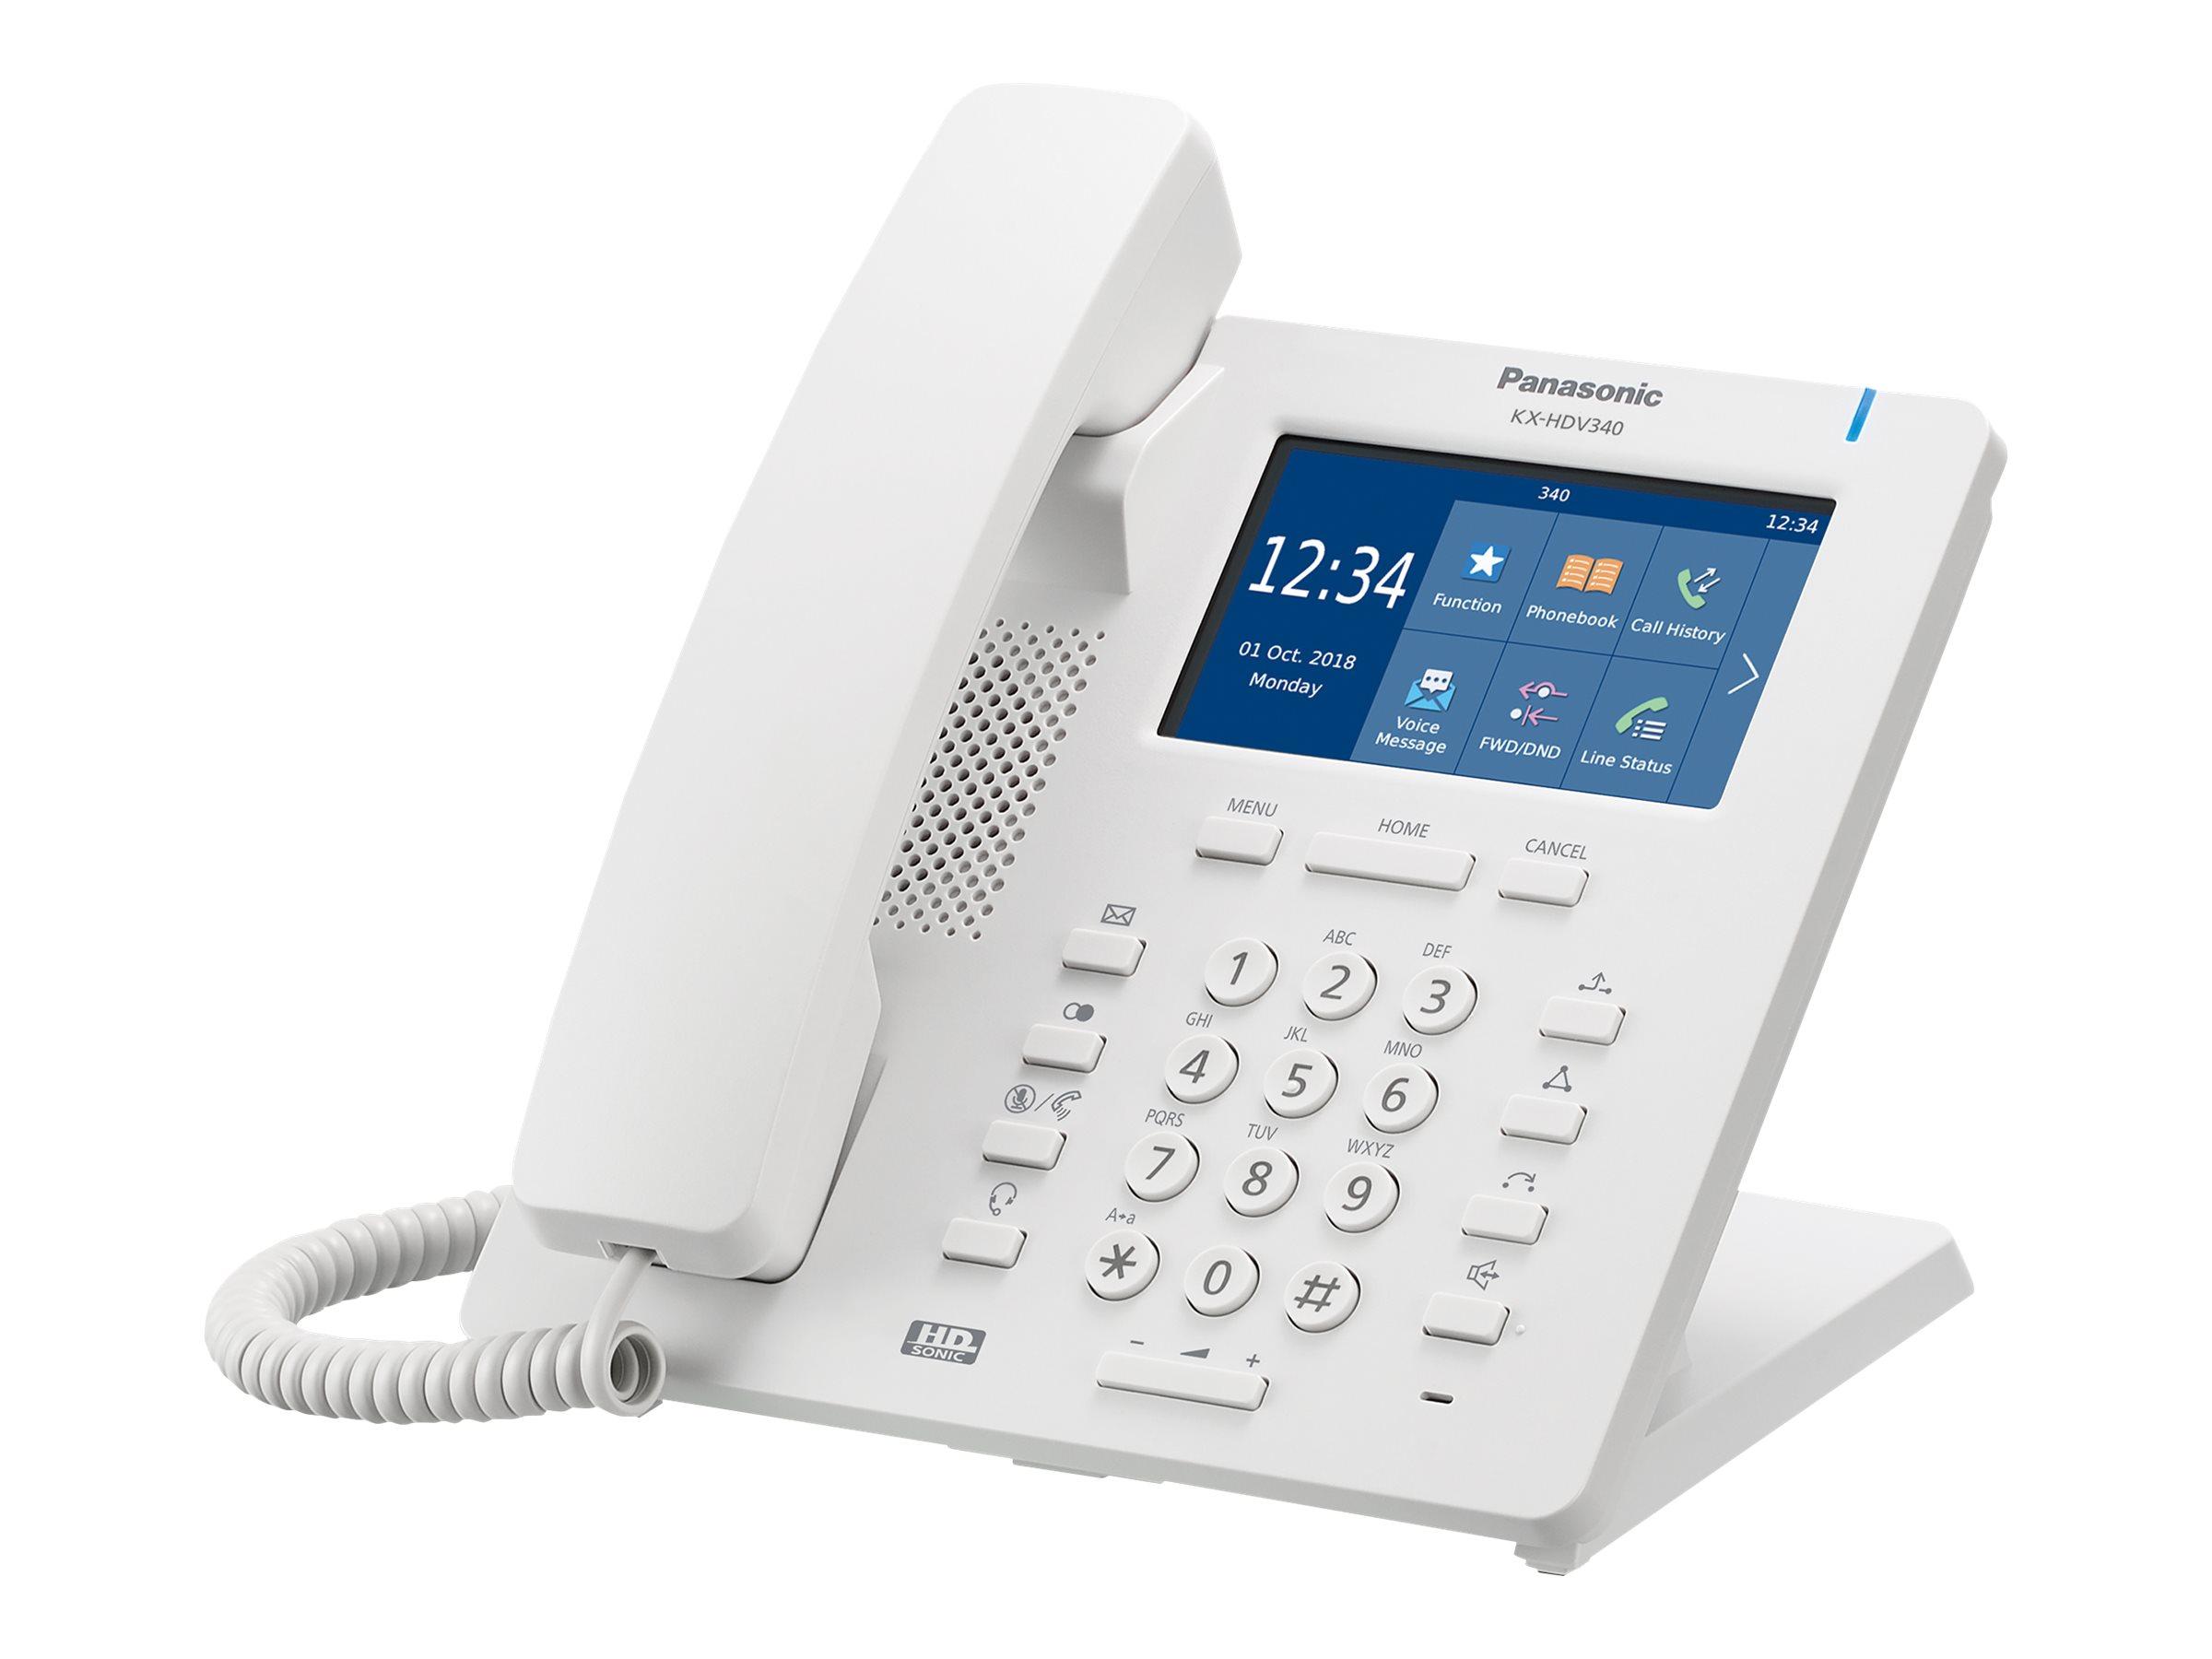 Panasonic KX-HDV340 - VoIP-Telefon - mit Bluetooth-Schnittstelle - dreiweg Anruffunktion - SIP - 4 Leitungen